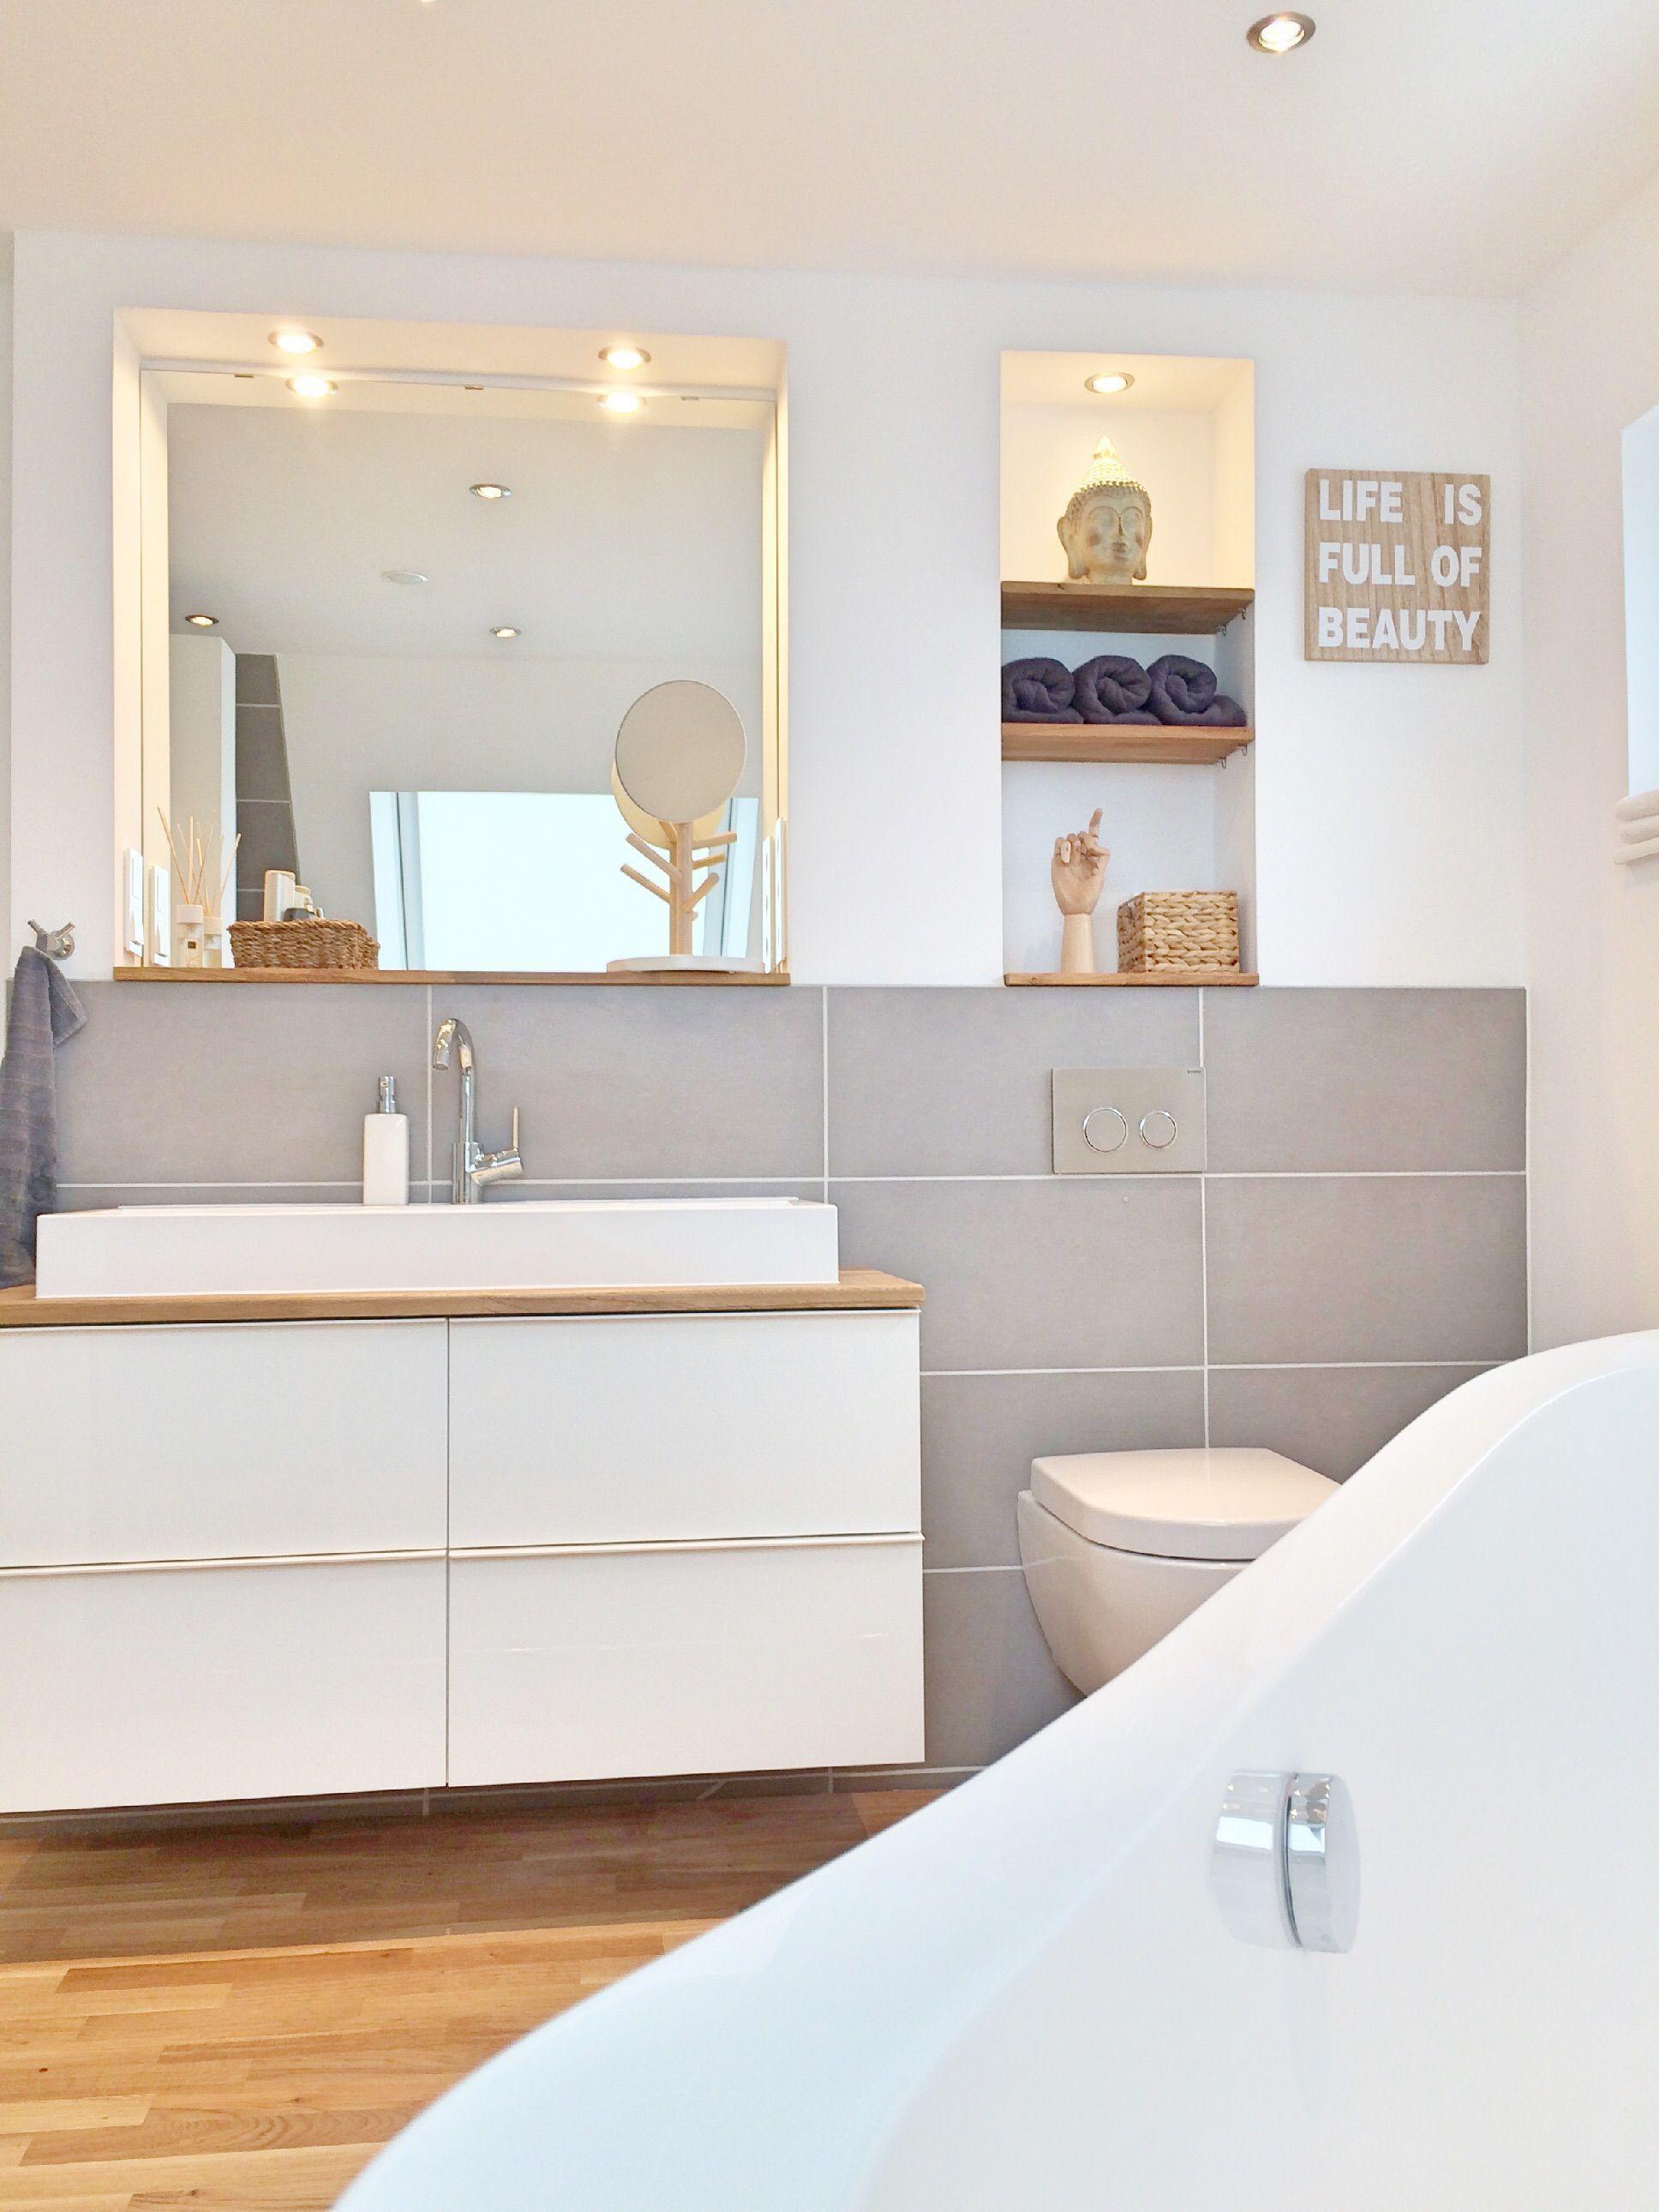 LIFE IS FULL OF BEAUTY Endlich ist unser Badezimmer fertig Da hat mein Mann ganze Arbeit ...